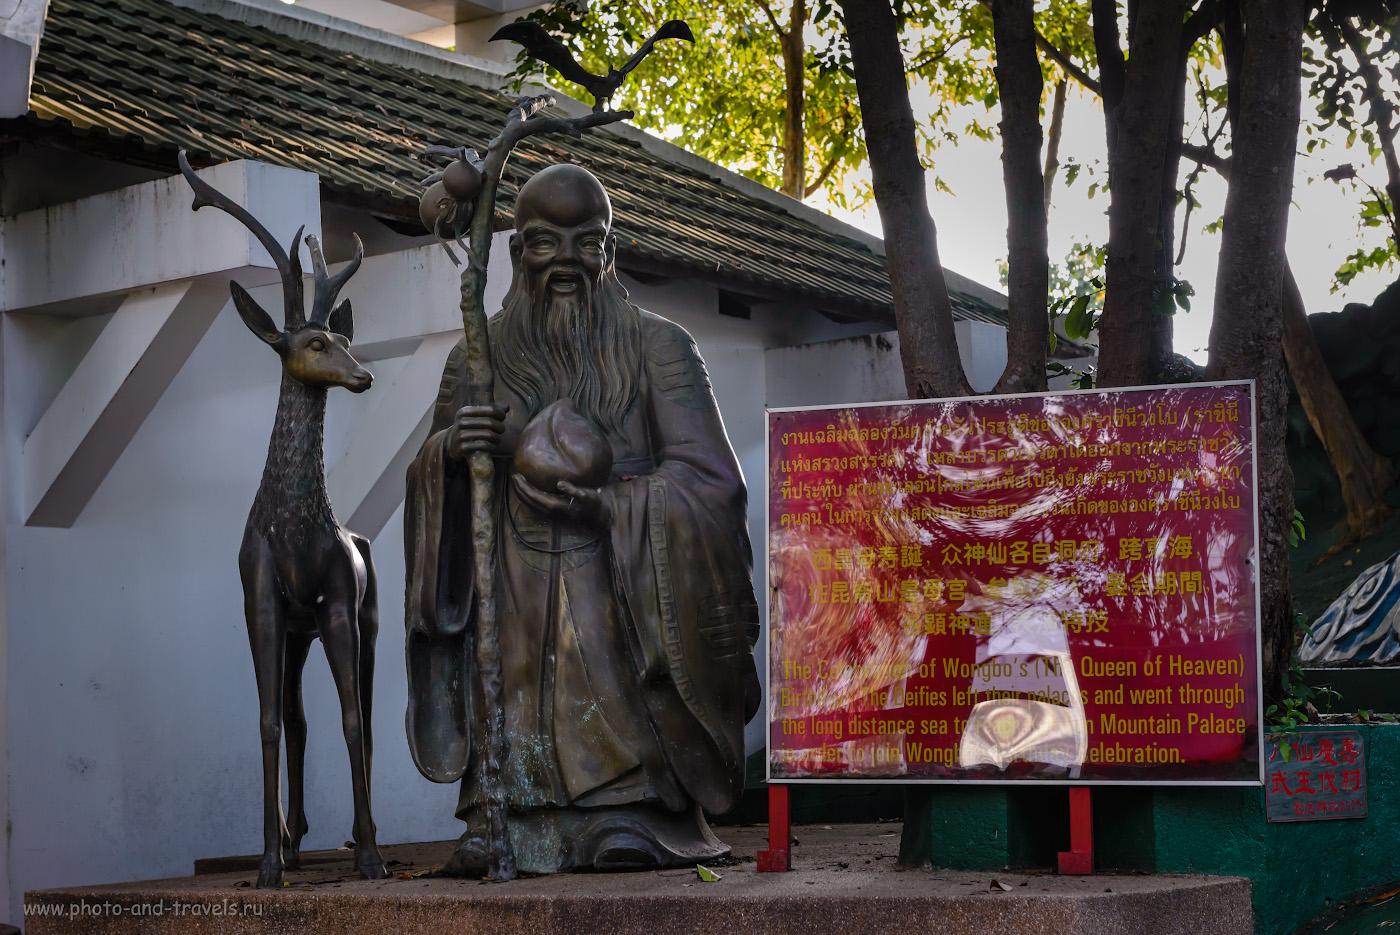 Фотография 7. Гуляя по парку Wang Sam Sien, можно поближе познакомиться с китайским фольклором. Куда сходить на экскурсию в Паттайе самостоятельно. На холм Пратамнак, где сидит Большой Будда, и разбит китайский парк Wang Sam Sien. 1/160, -0.67, 8.0, 2000, 70.